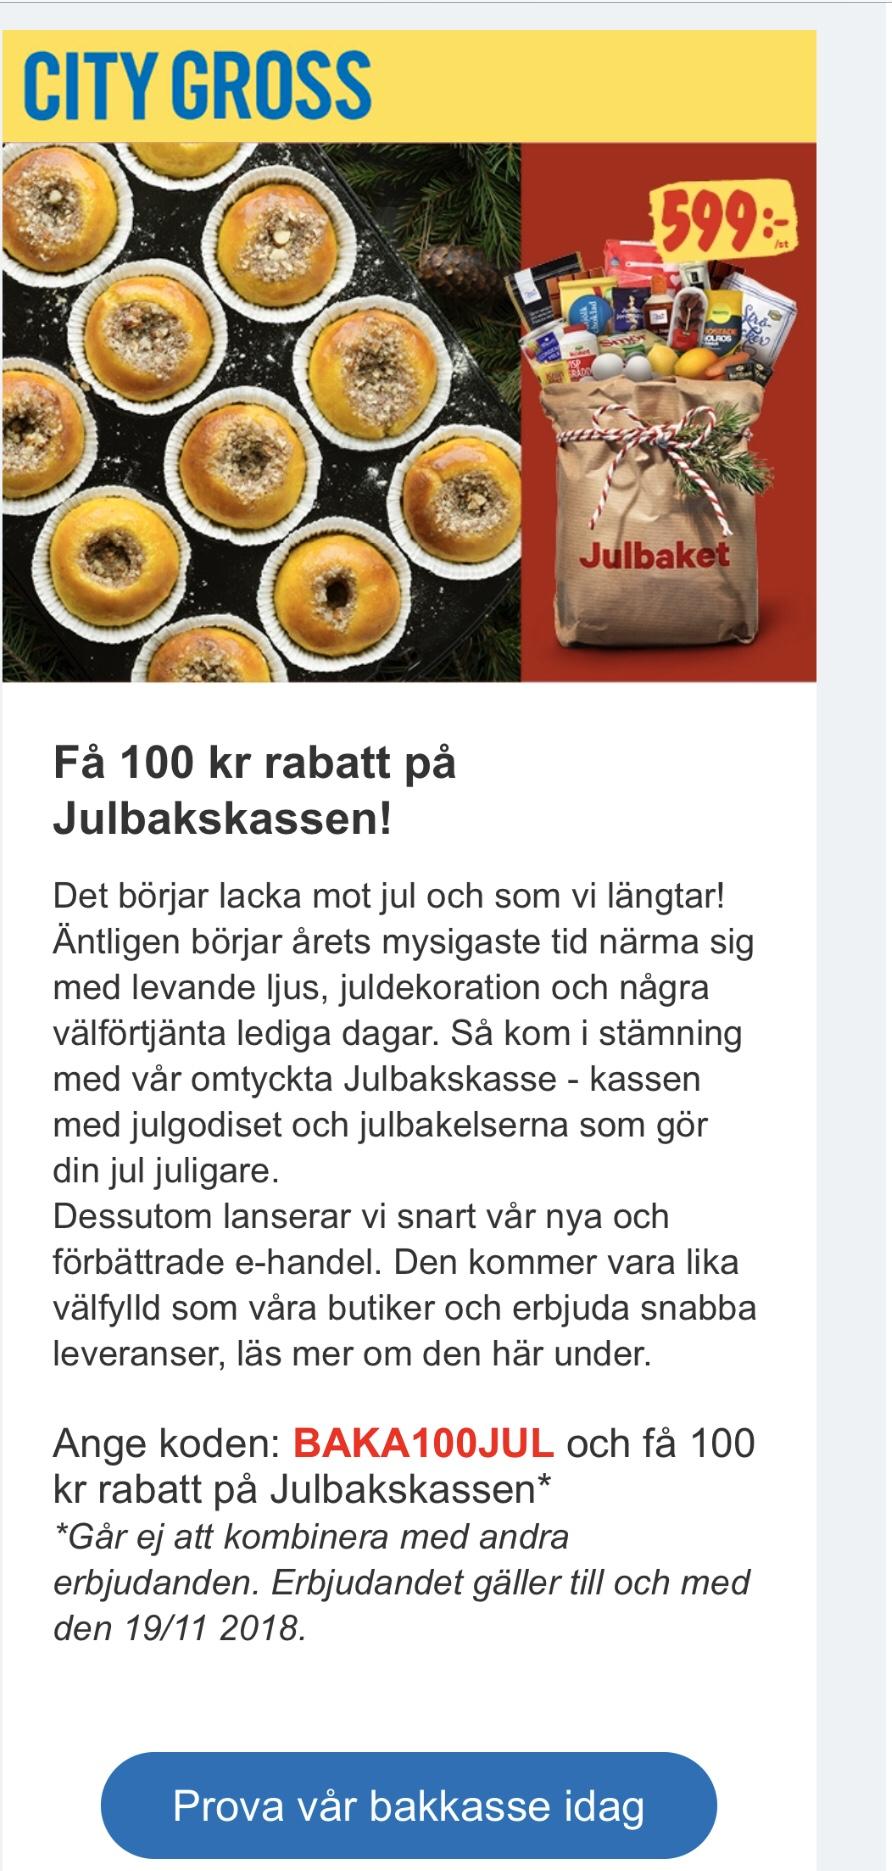 Testa Julbakskassen & få 100:- rabatt